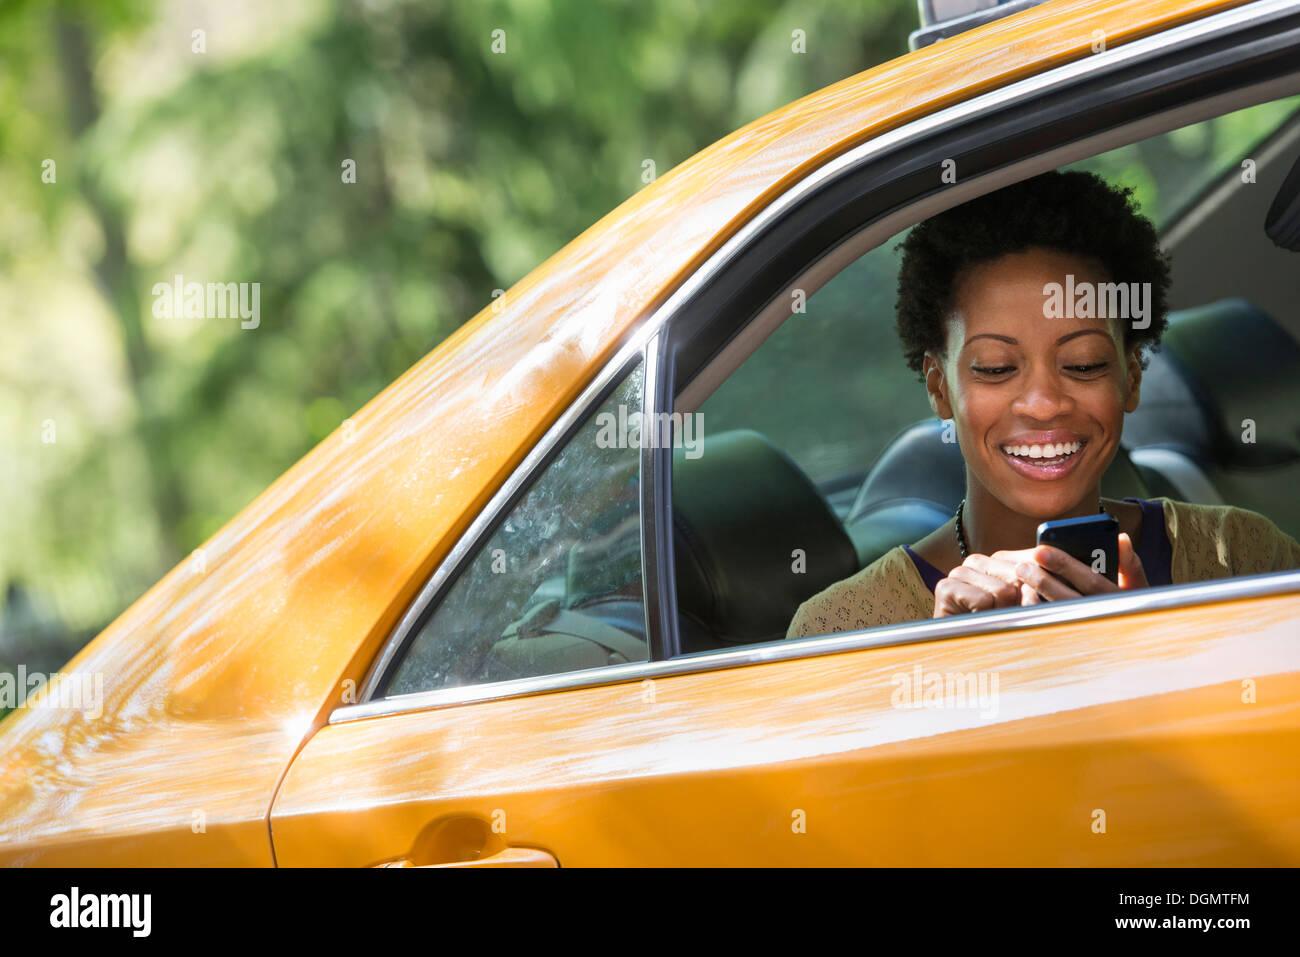 Una donna seduta nella parte posteriore del sedile passeggero di un taxi giallo, controllando il suo telefono. Immagini Stock